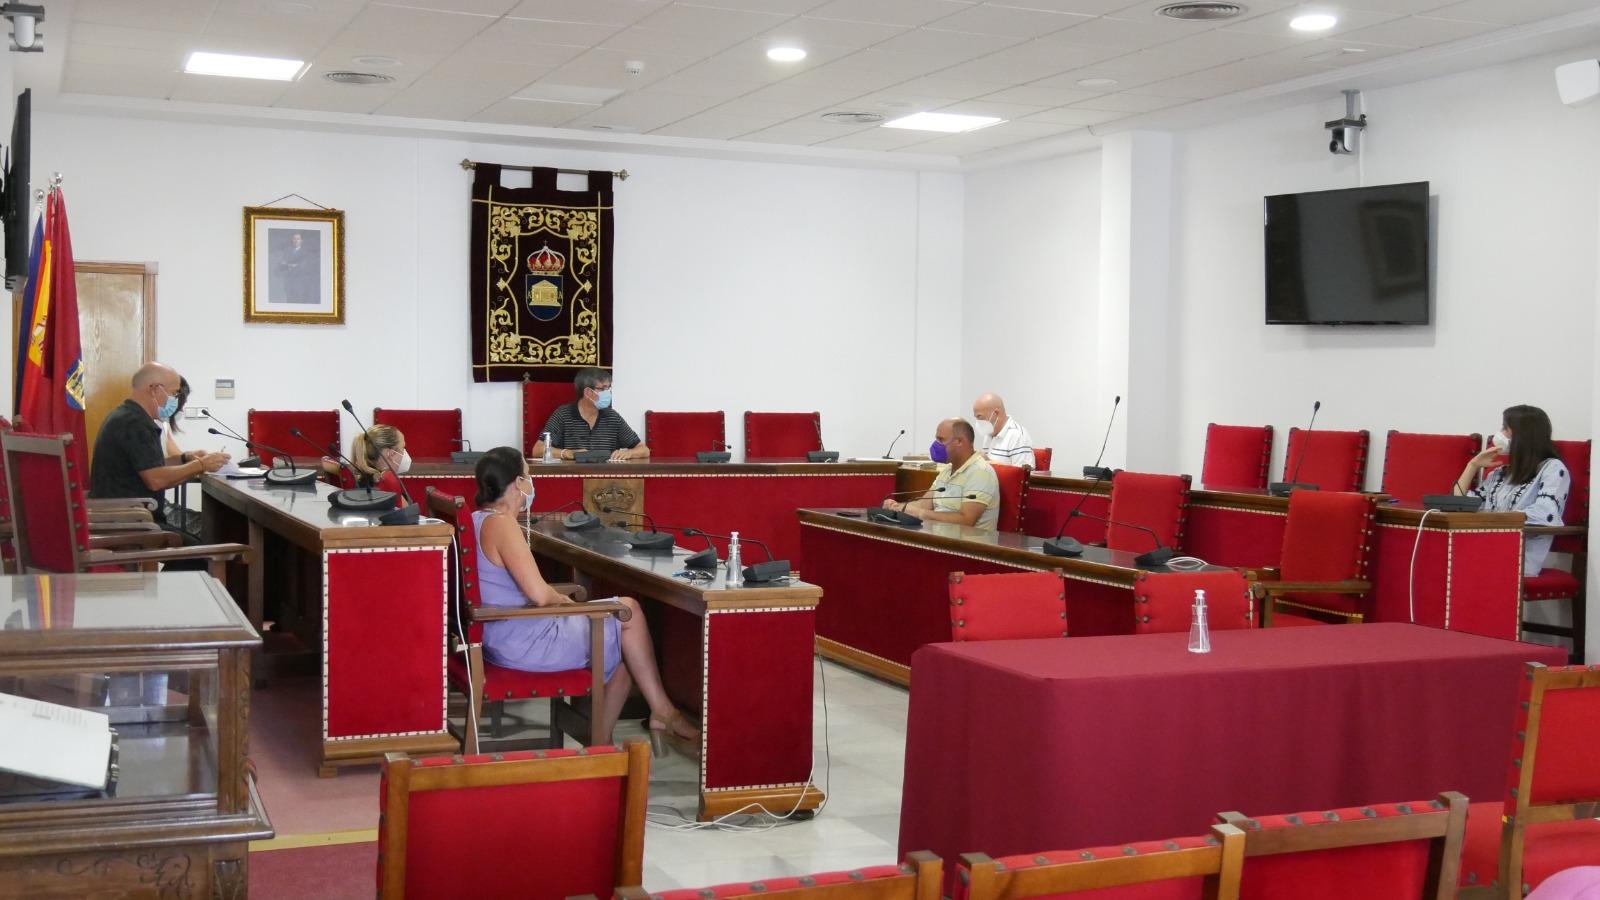 210722 Adjudicadas las obras del Carril Bici - Junta de Gobierno